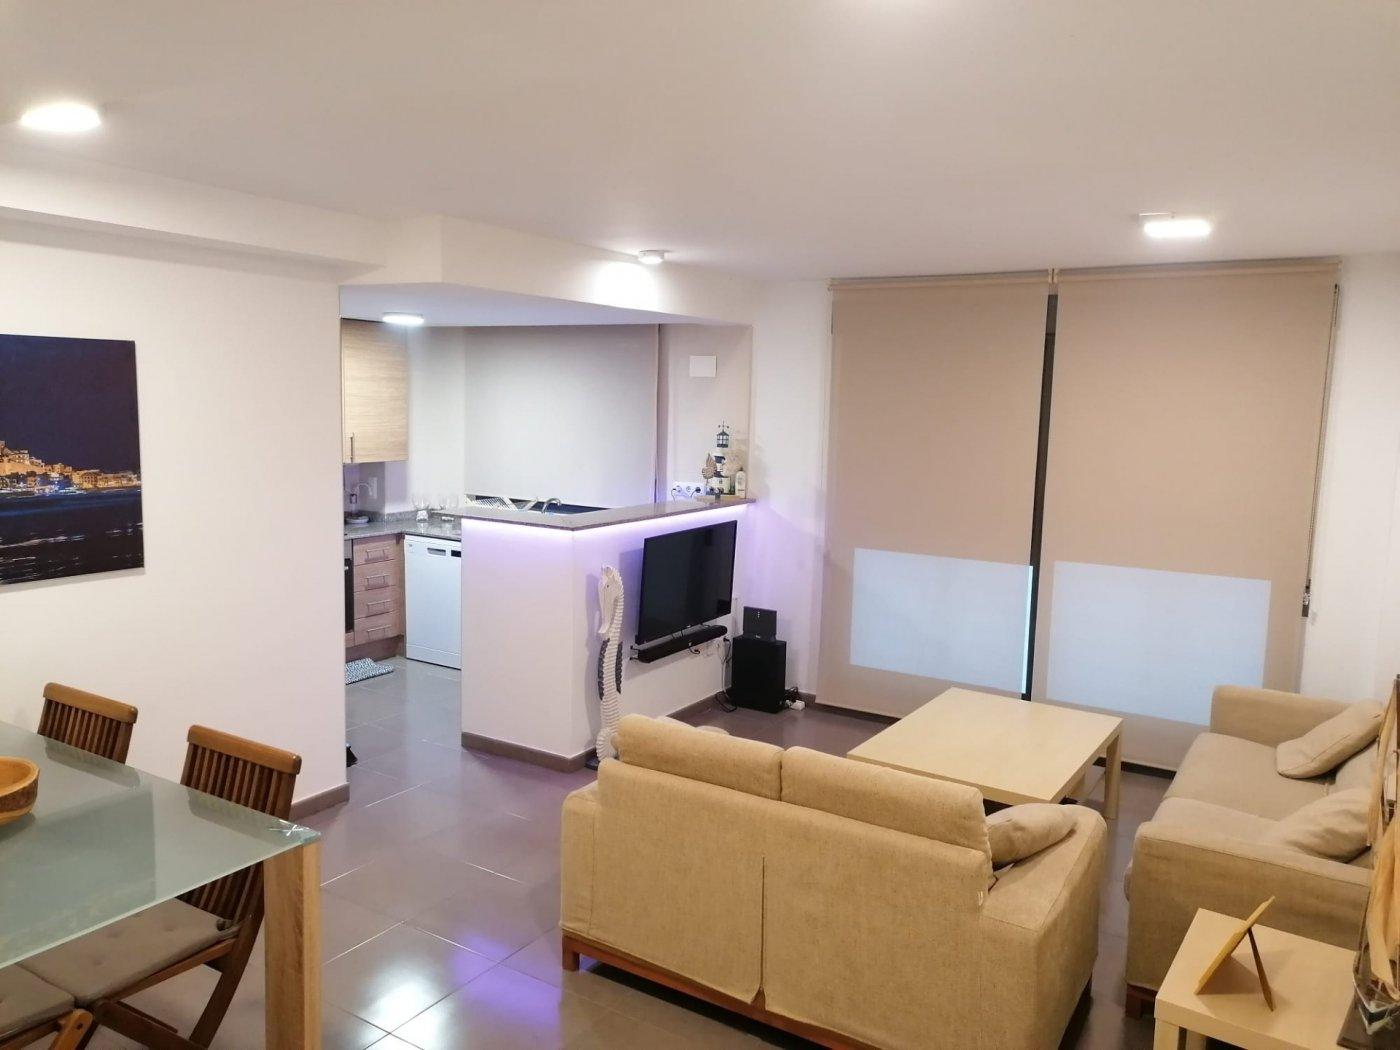 Fantástico apartamento en peñíscola 1 hab - imagenInmueble1